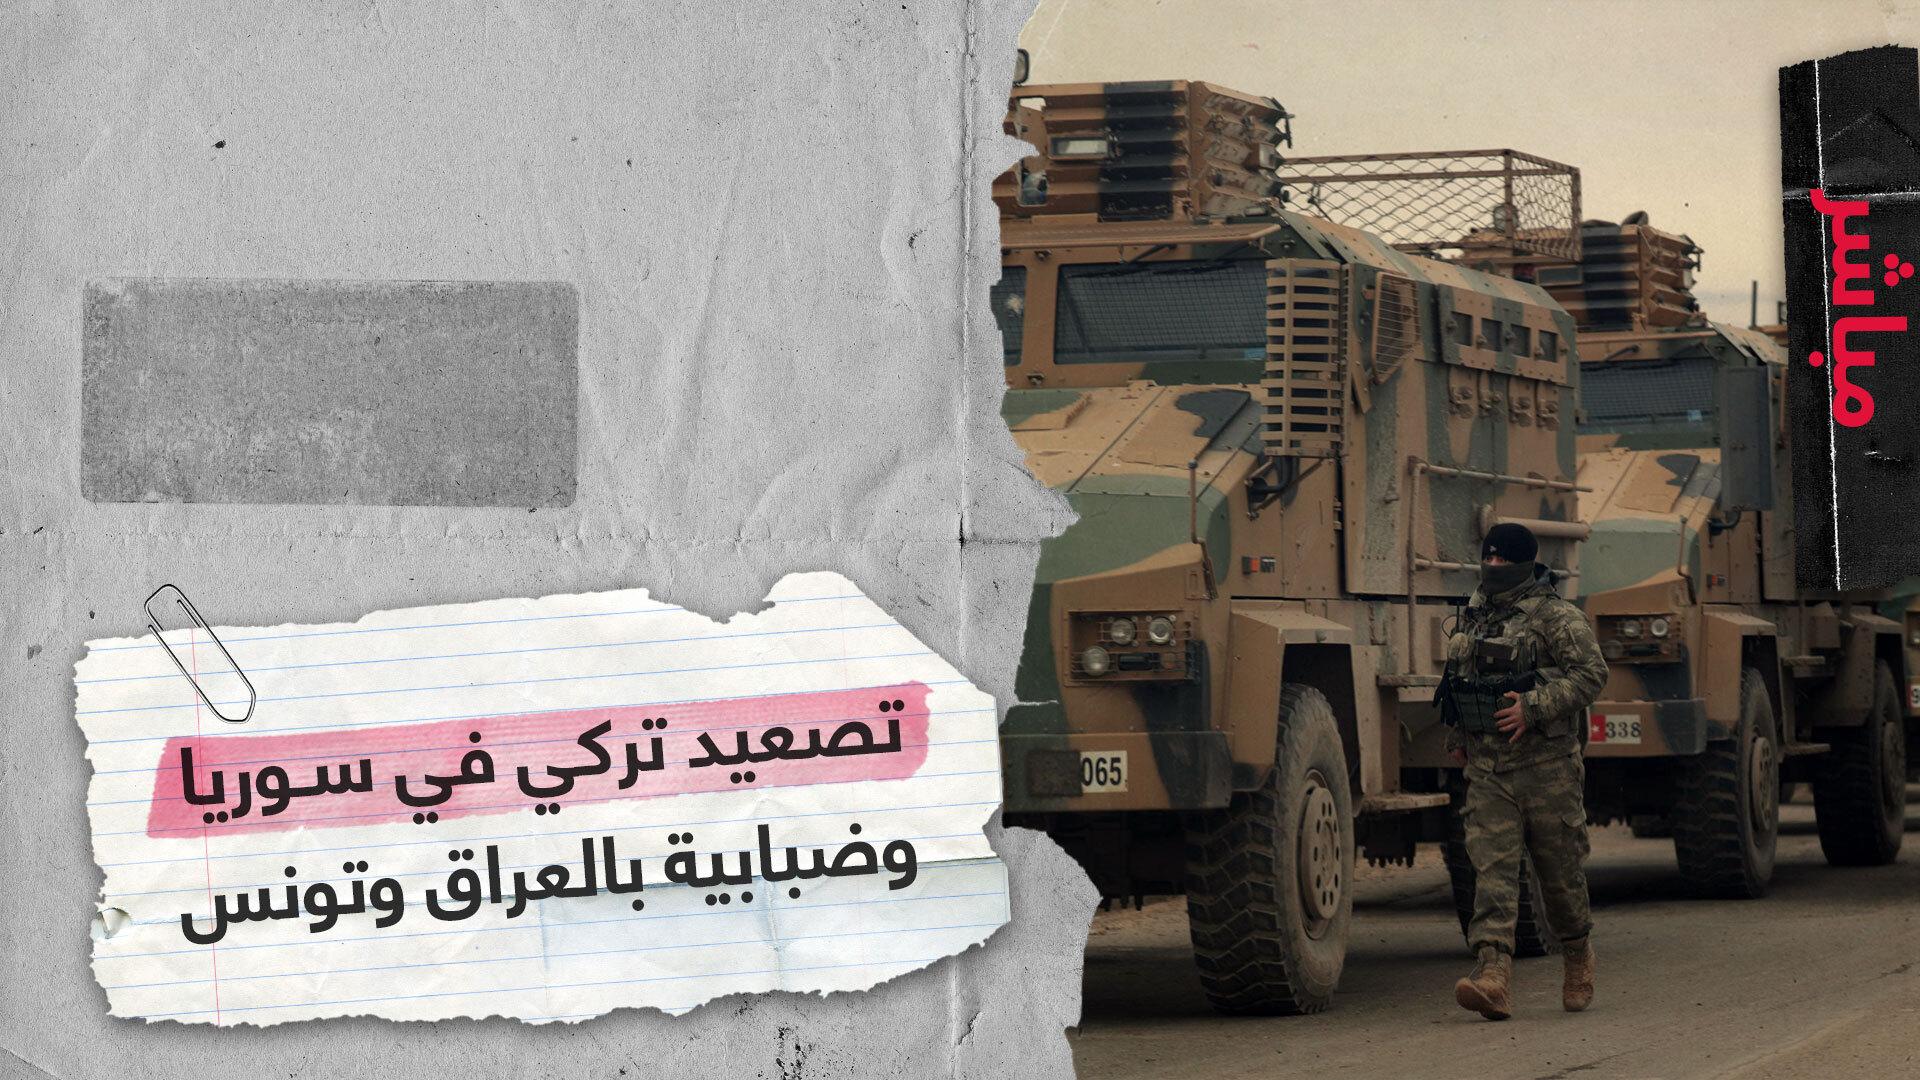 تصعيد تركي في سوريا.. ومشهد ضبابي بالعراق وتونس